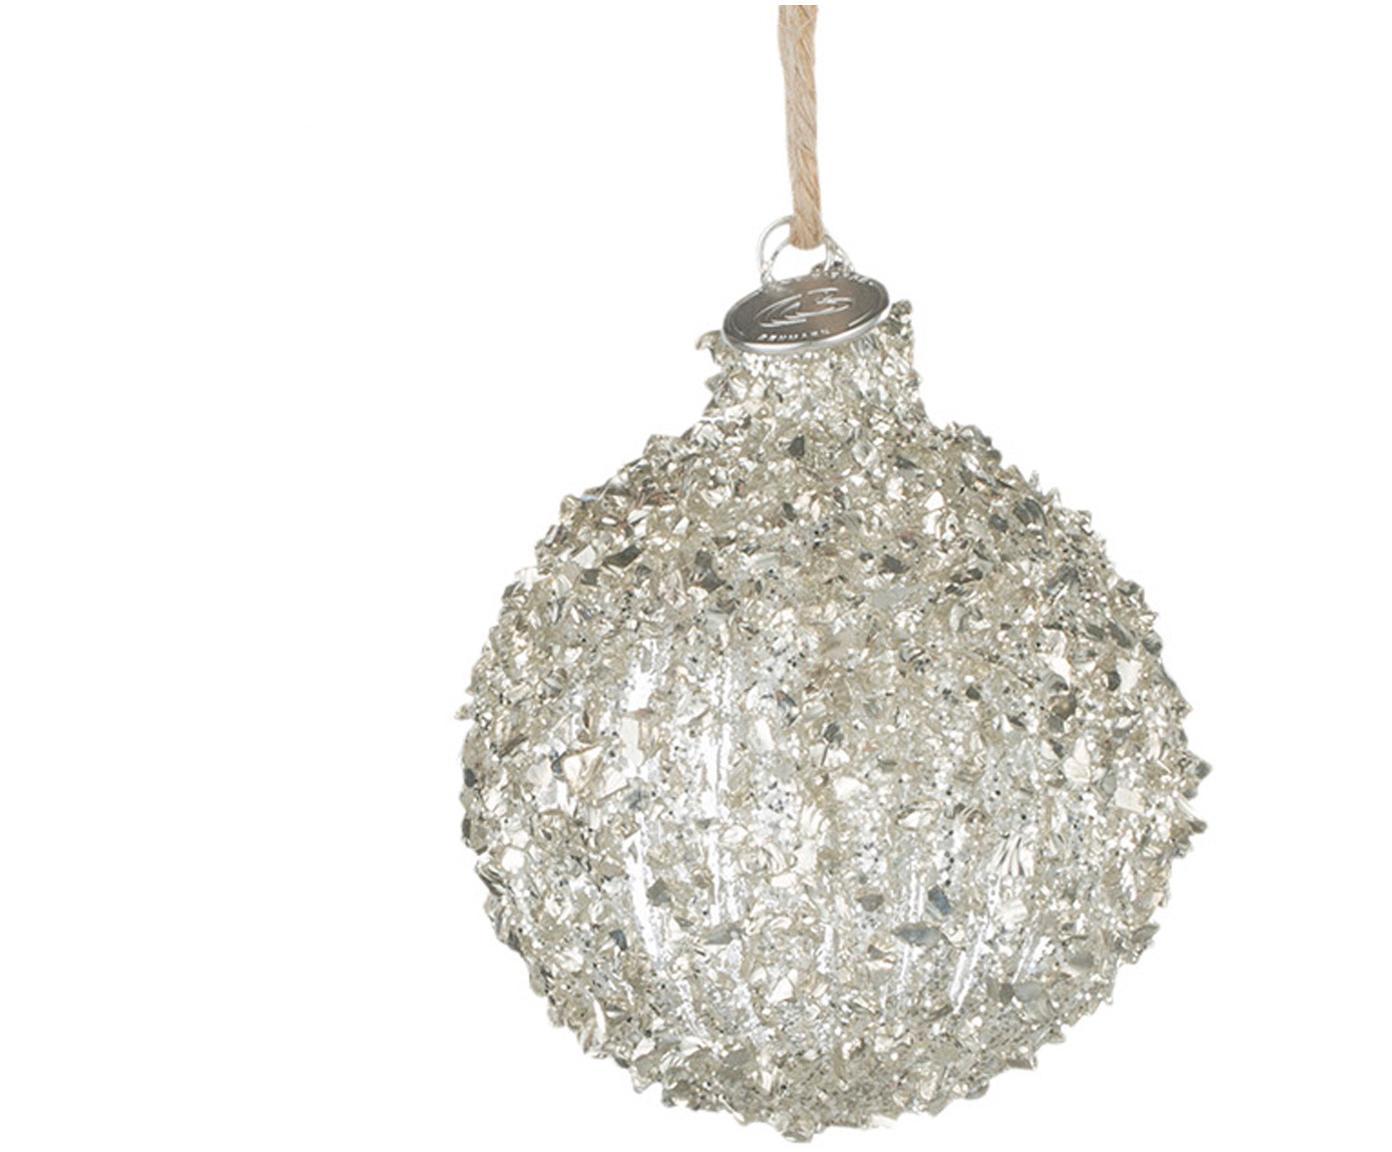 Weihnachtskugeln Merya, 2 Stück, Silberfarben, Ø 8 cm